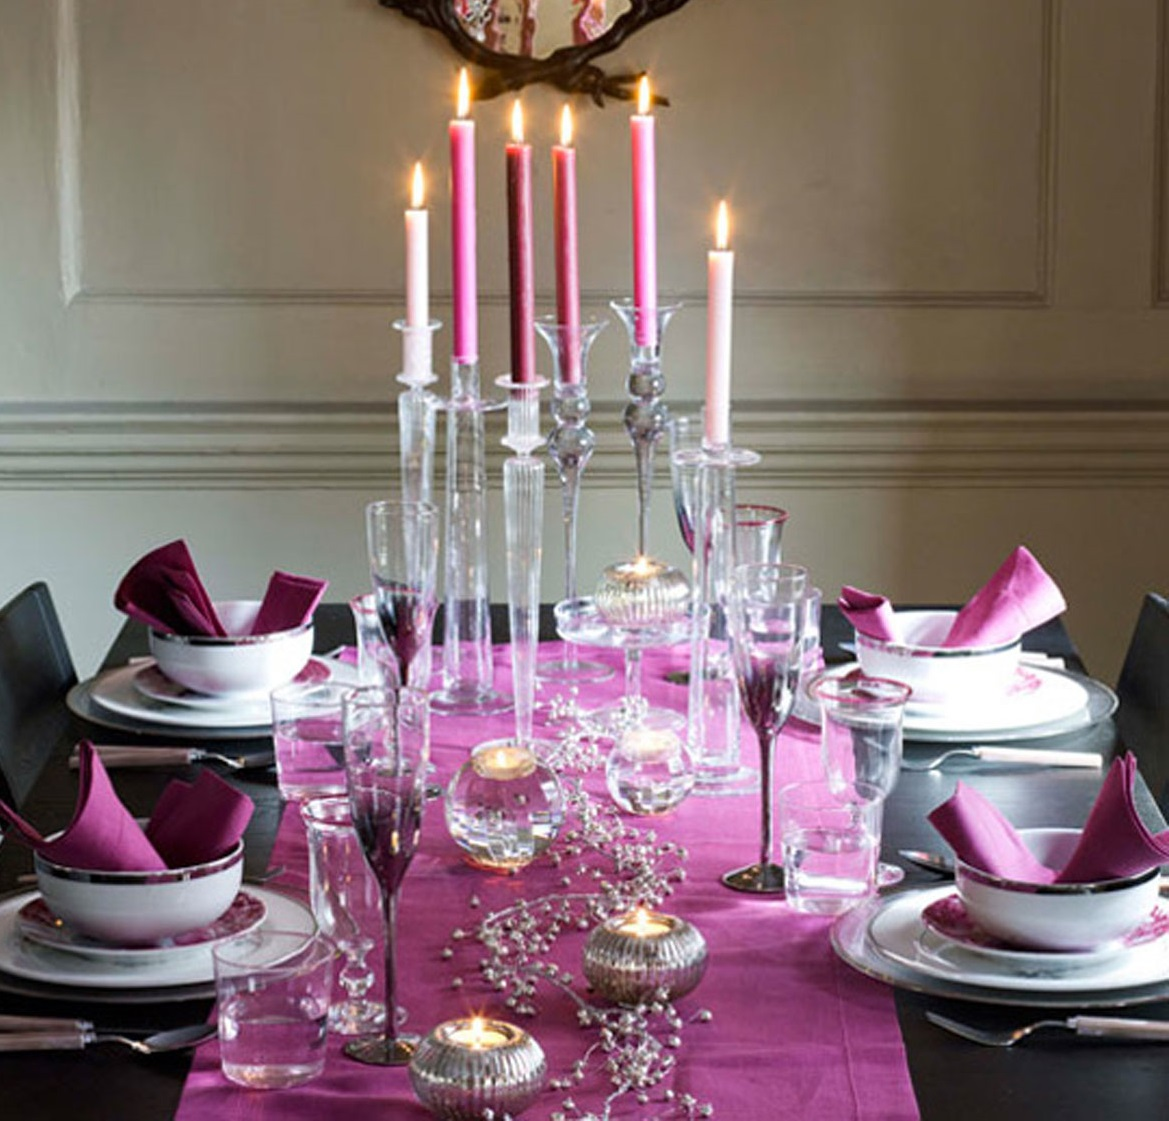 decoración de mesas de Navidad en morado